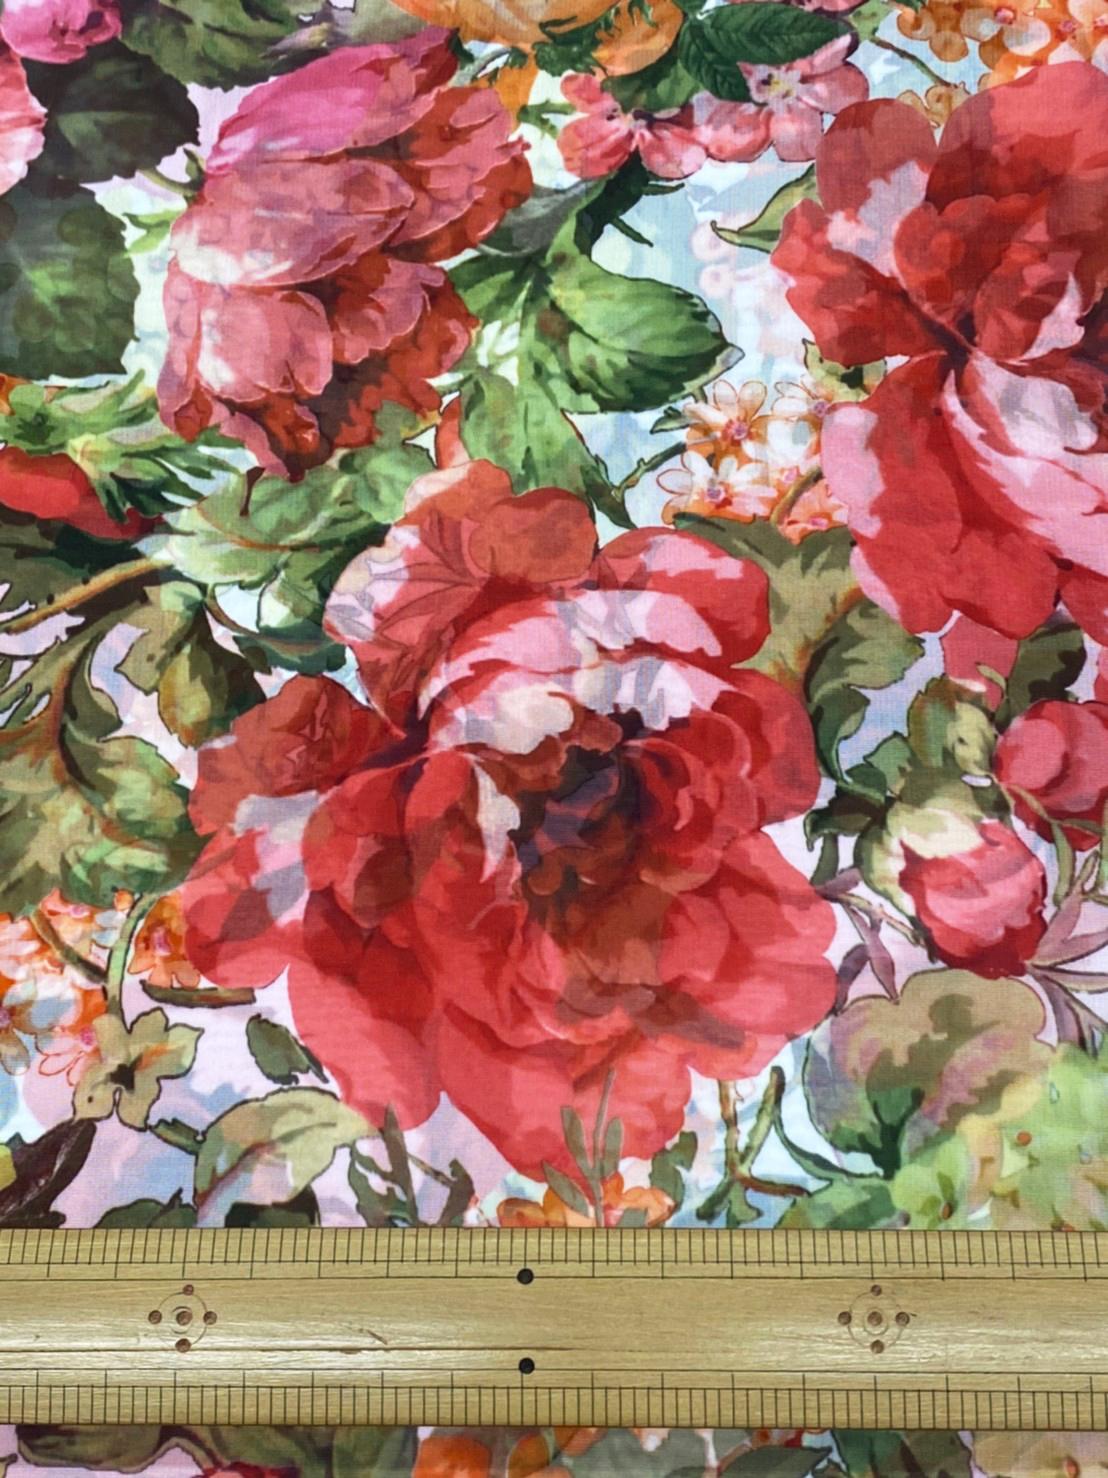 170535<br>サテン オーガン 転写 プリント<br>生地 布地 布 衣装 コスプレ コスチューム ステージ ウェディング ブライダル スカート ワンピース ポリエステル 花柄 バラ 日本製